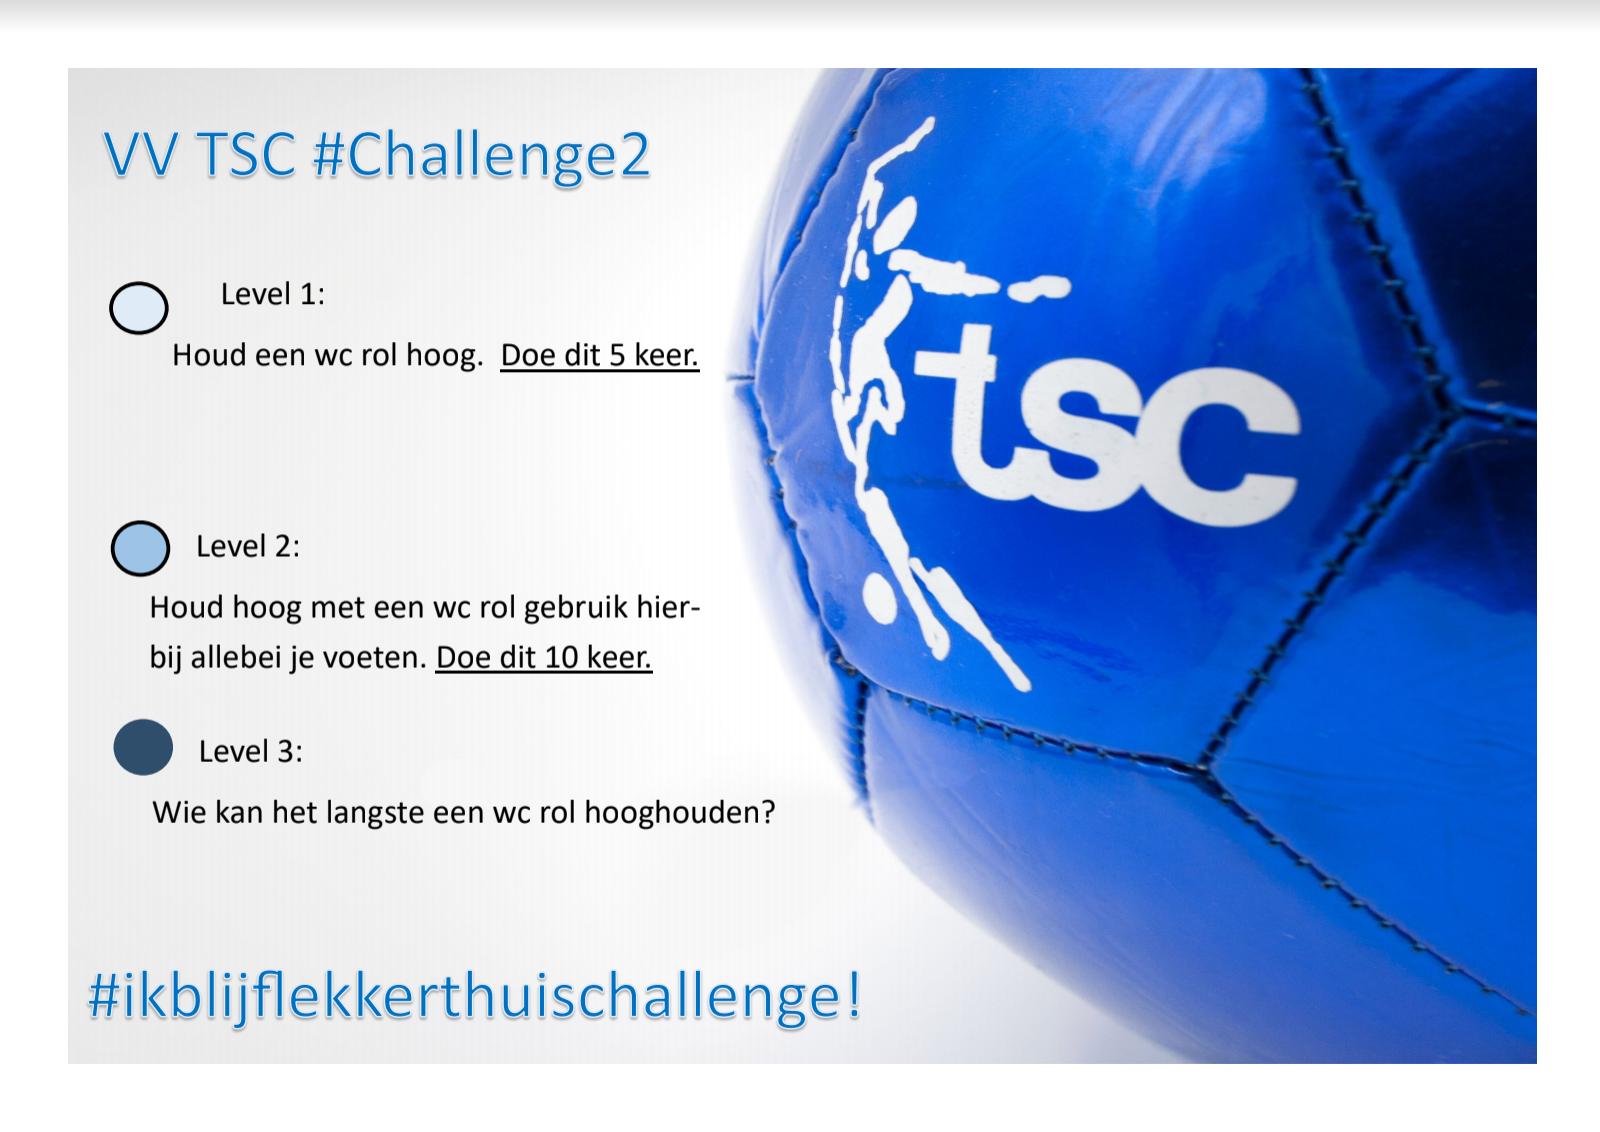 TSC #ikblijflekkerthuis #Challenge